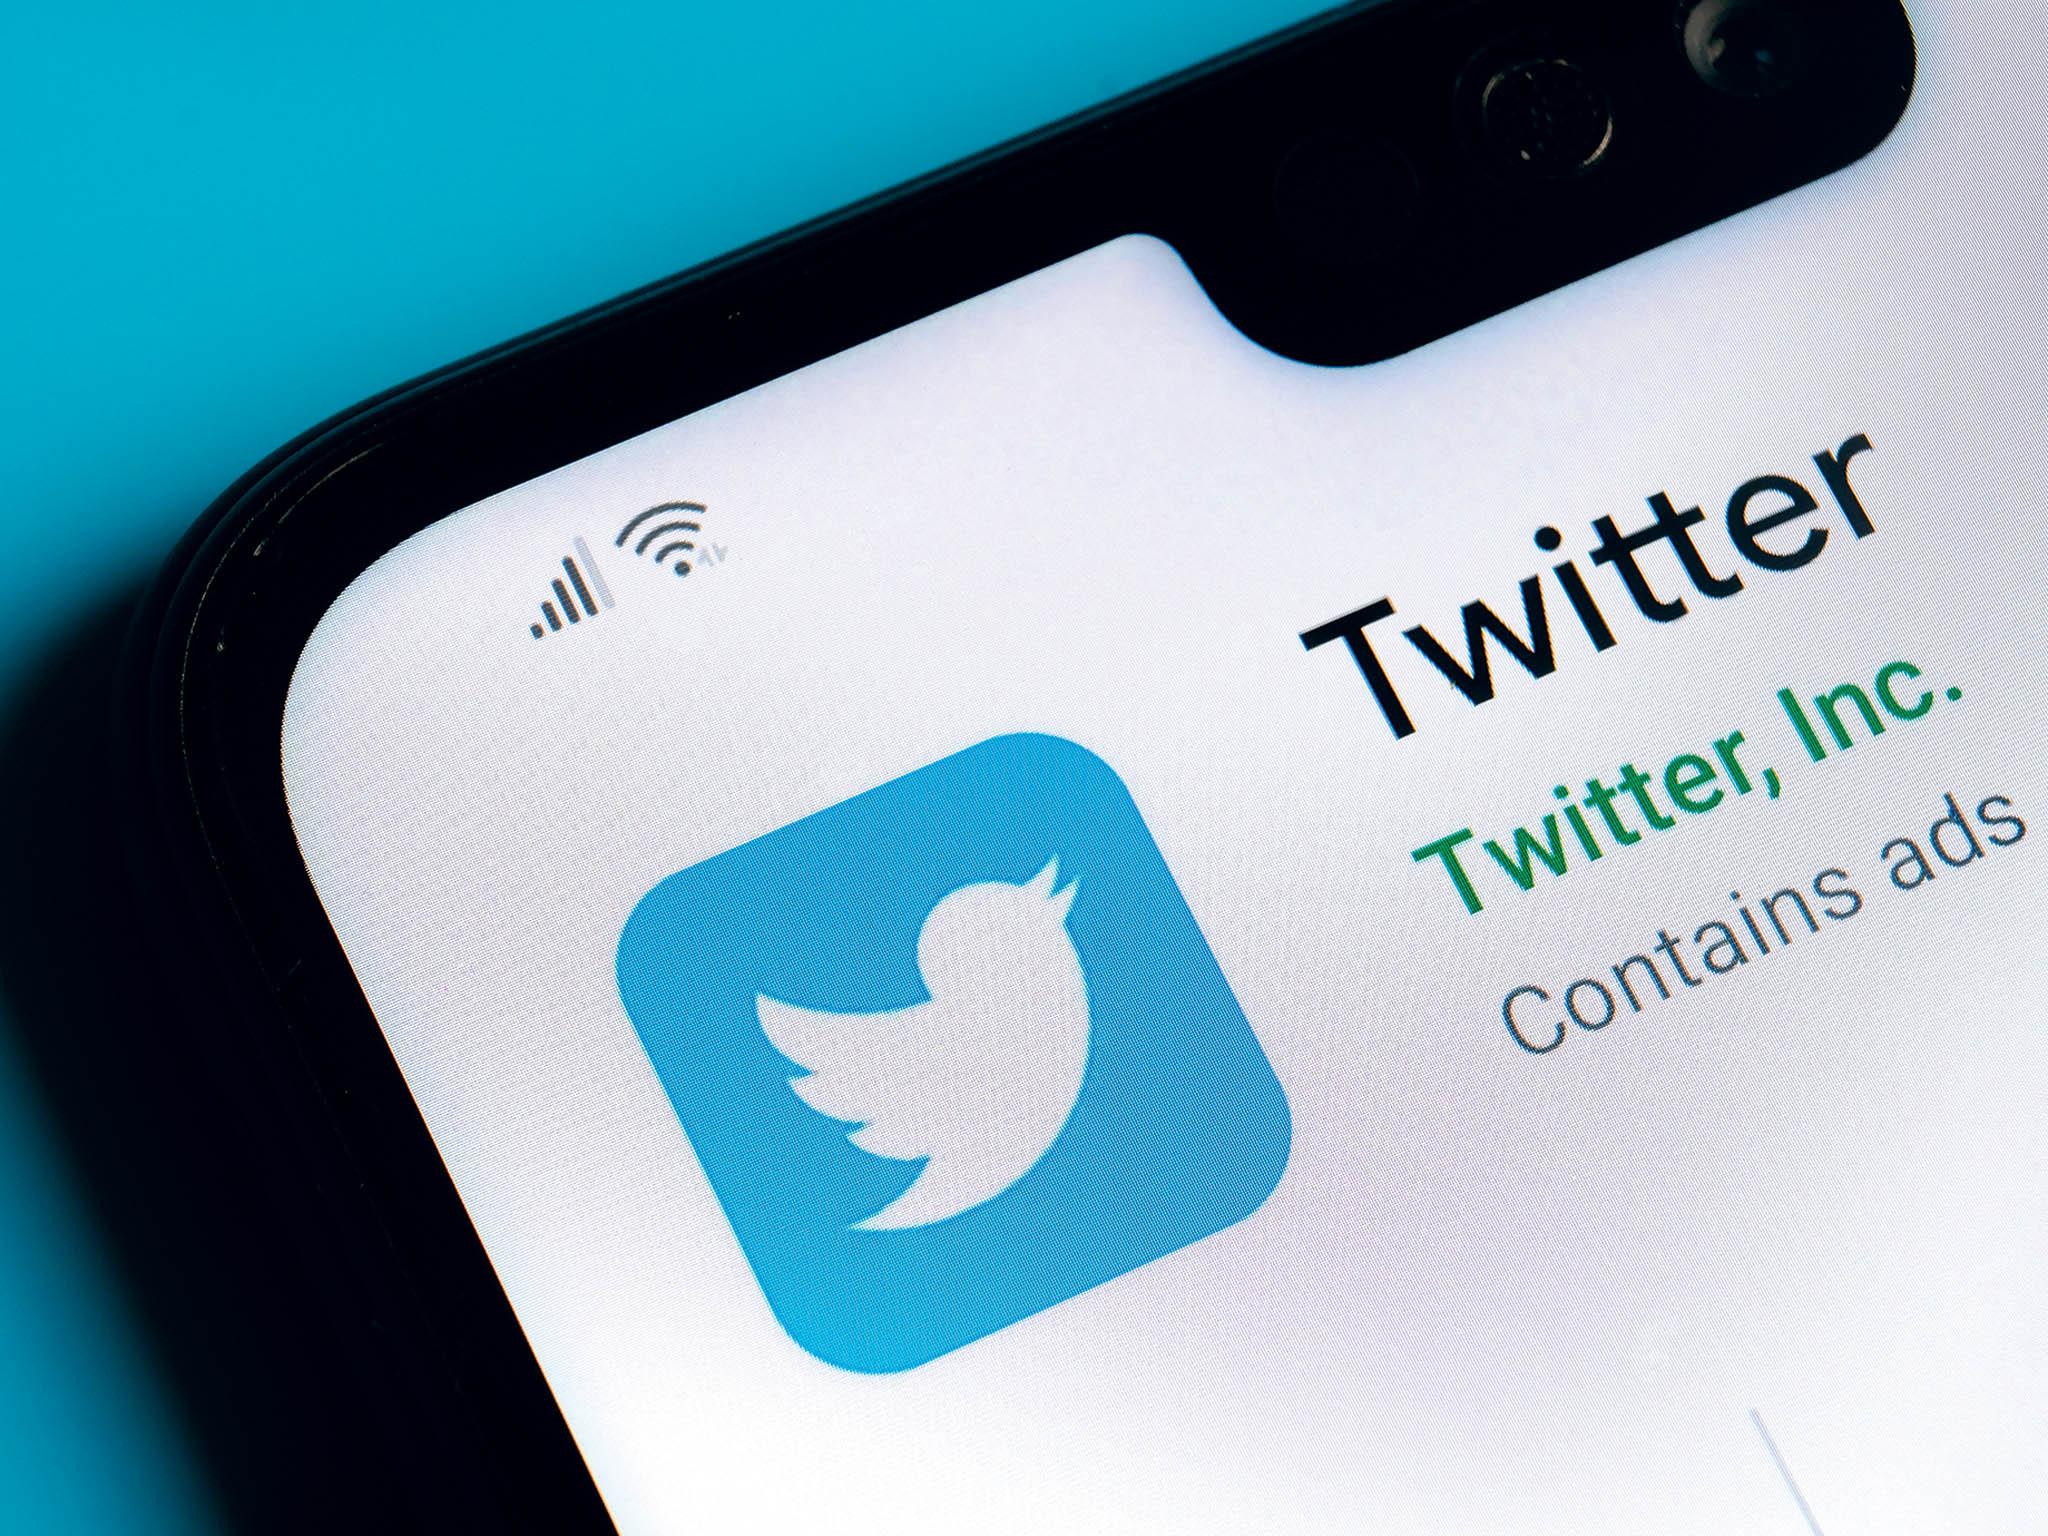 Akcie Twitteru letos posilují, vydrží to ipovýsledcích?